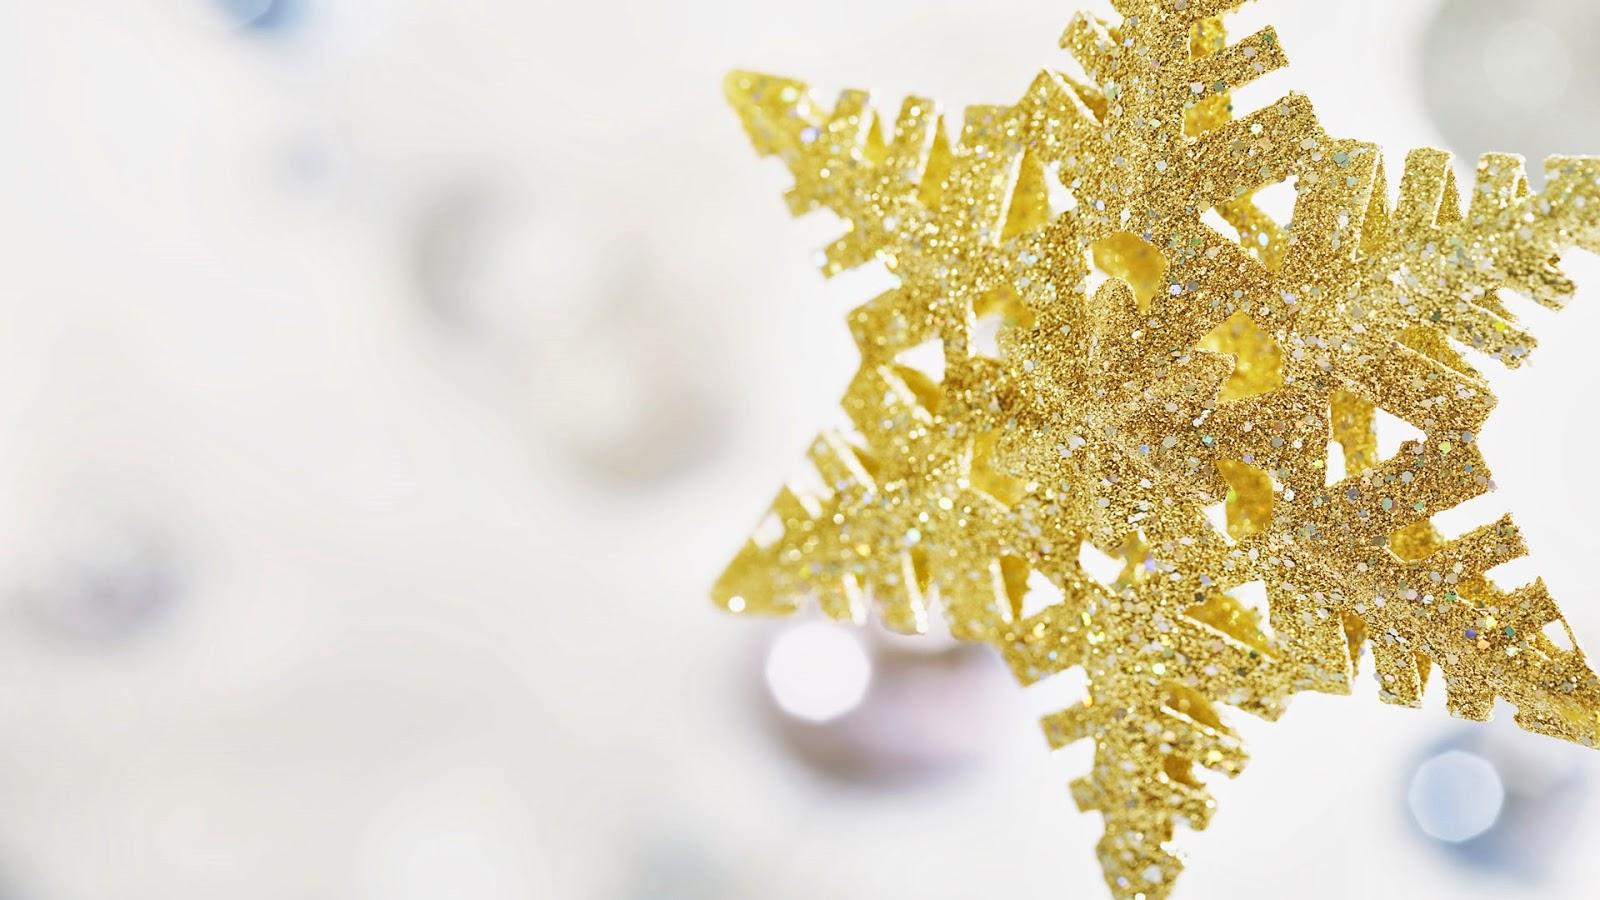 Fondos De Pantalla Para Navidad: Fondo De Pantalla Navidad Copo De Nieve Dorado